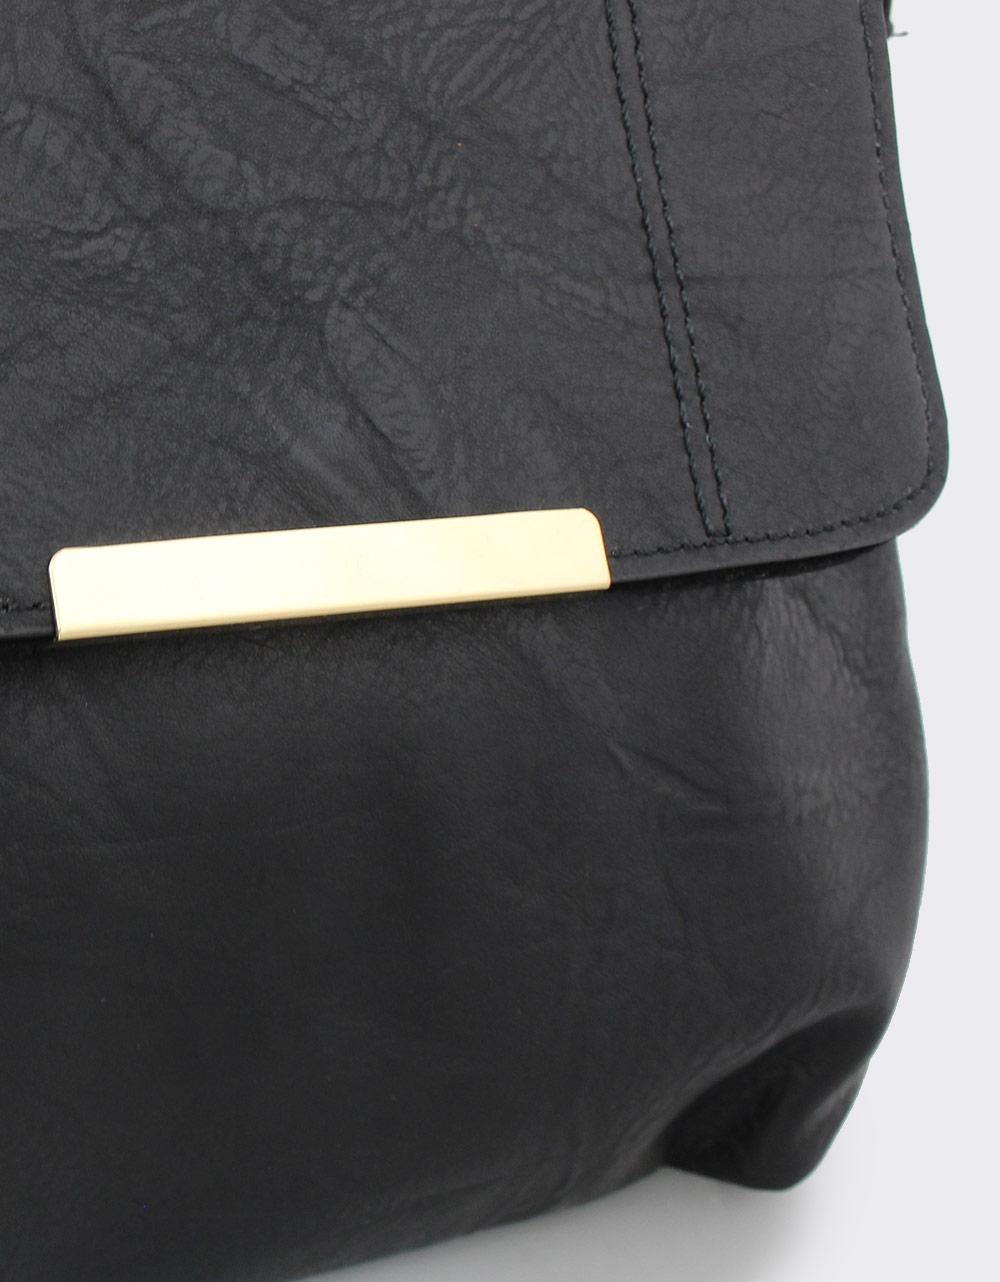 Εικόνα από Γυναικείες τσάντες ώμου με μεταλλική λεπτομέρεια Μαύρο